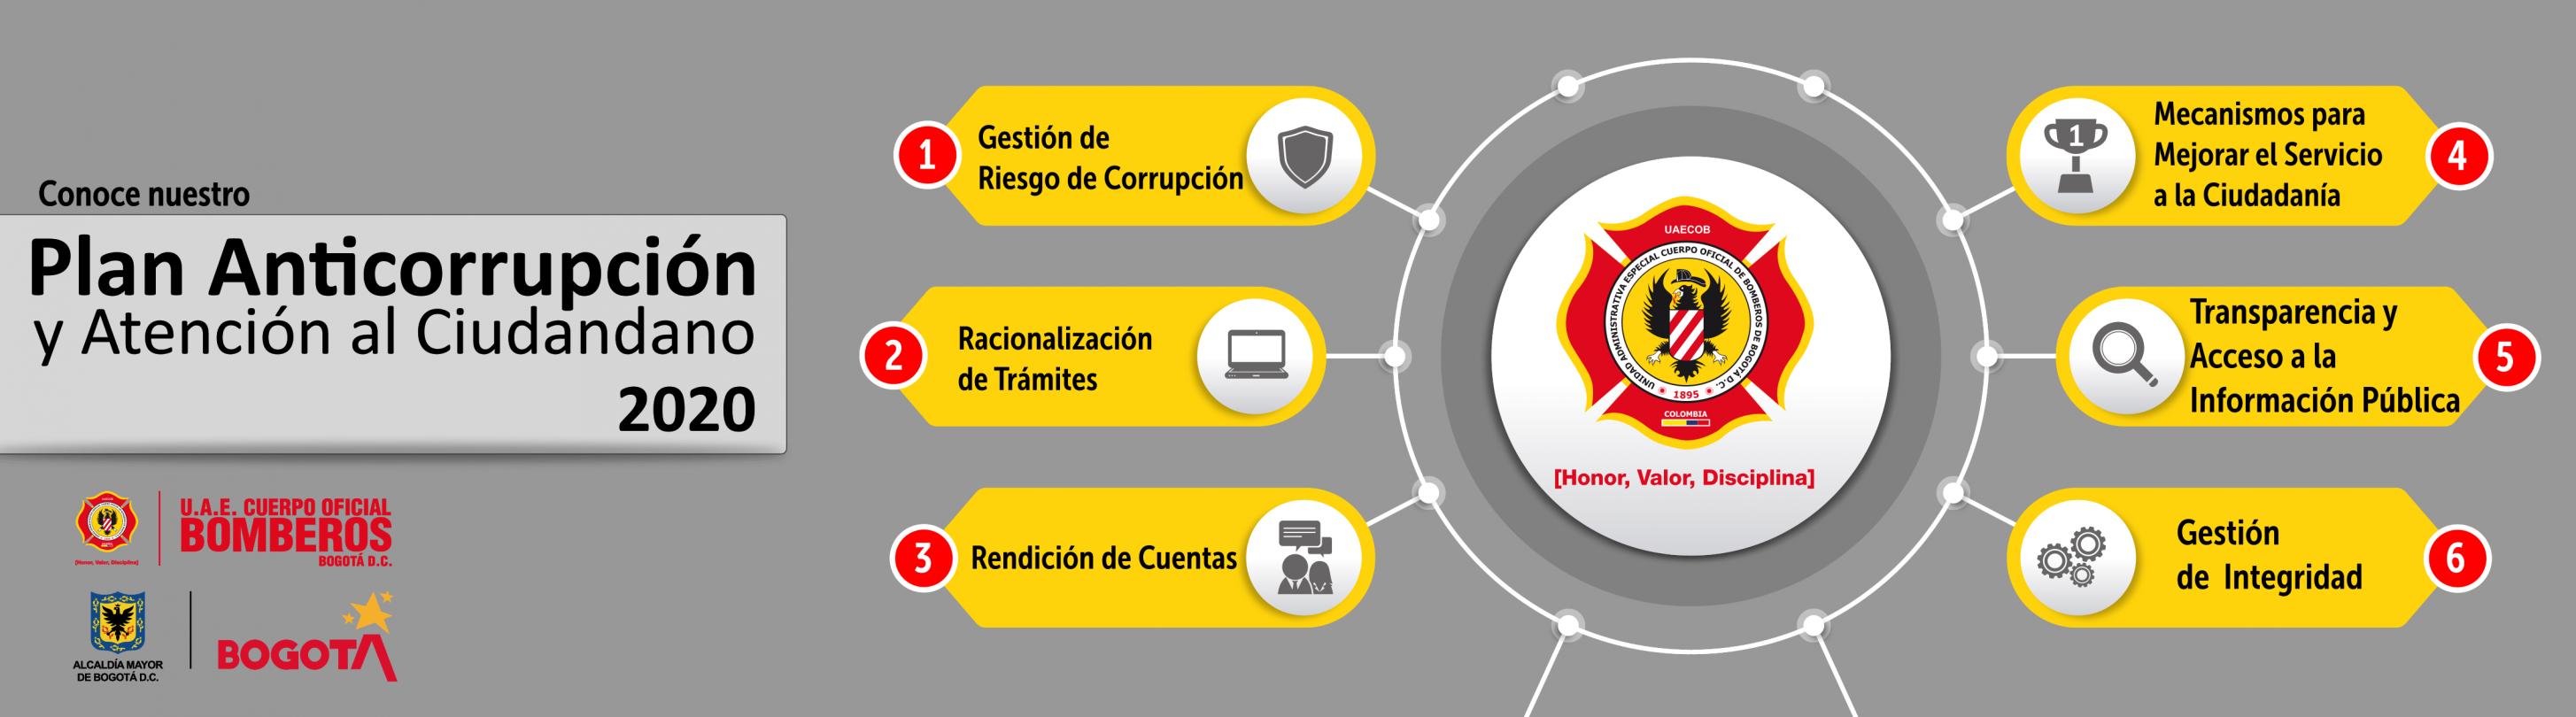 Plan Anticorrupción y Atención al Ciudadano 2020